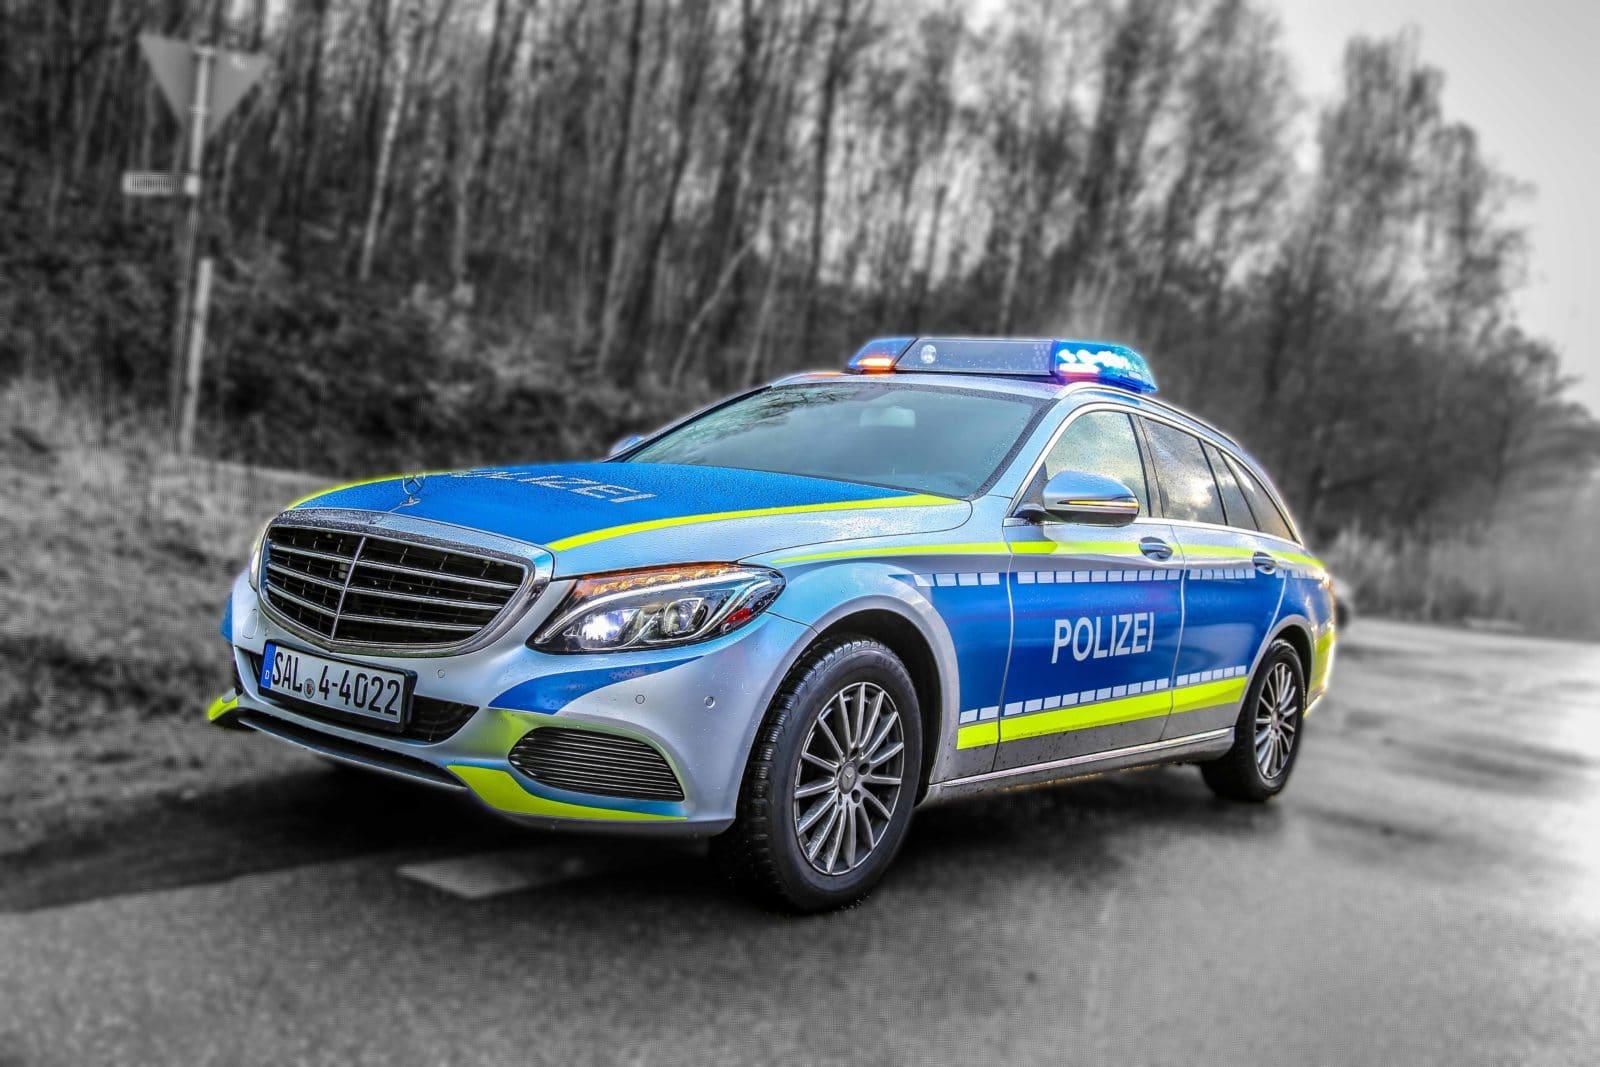 Polizei Sucht Nach Verfolgungsfahrt Und